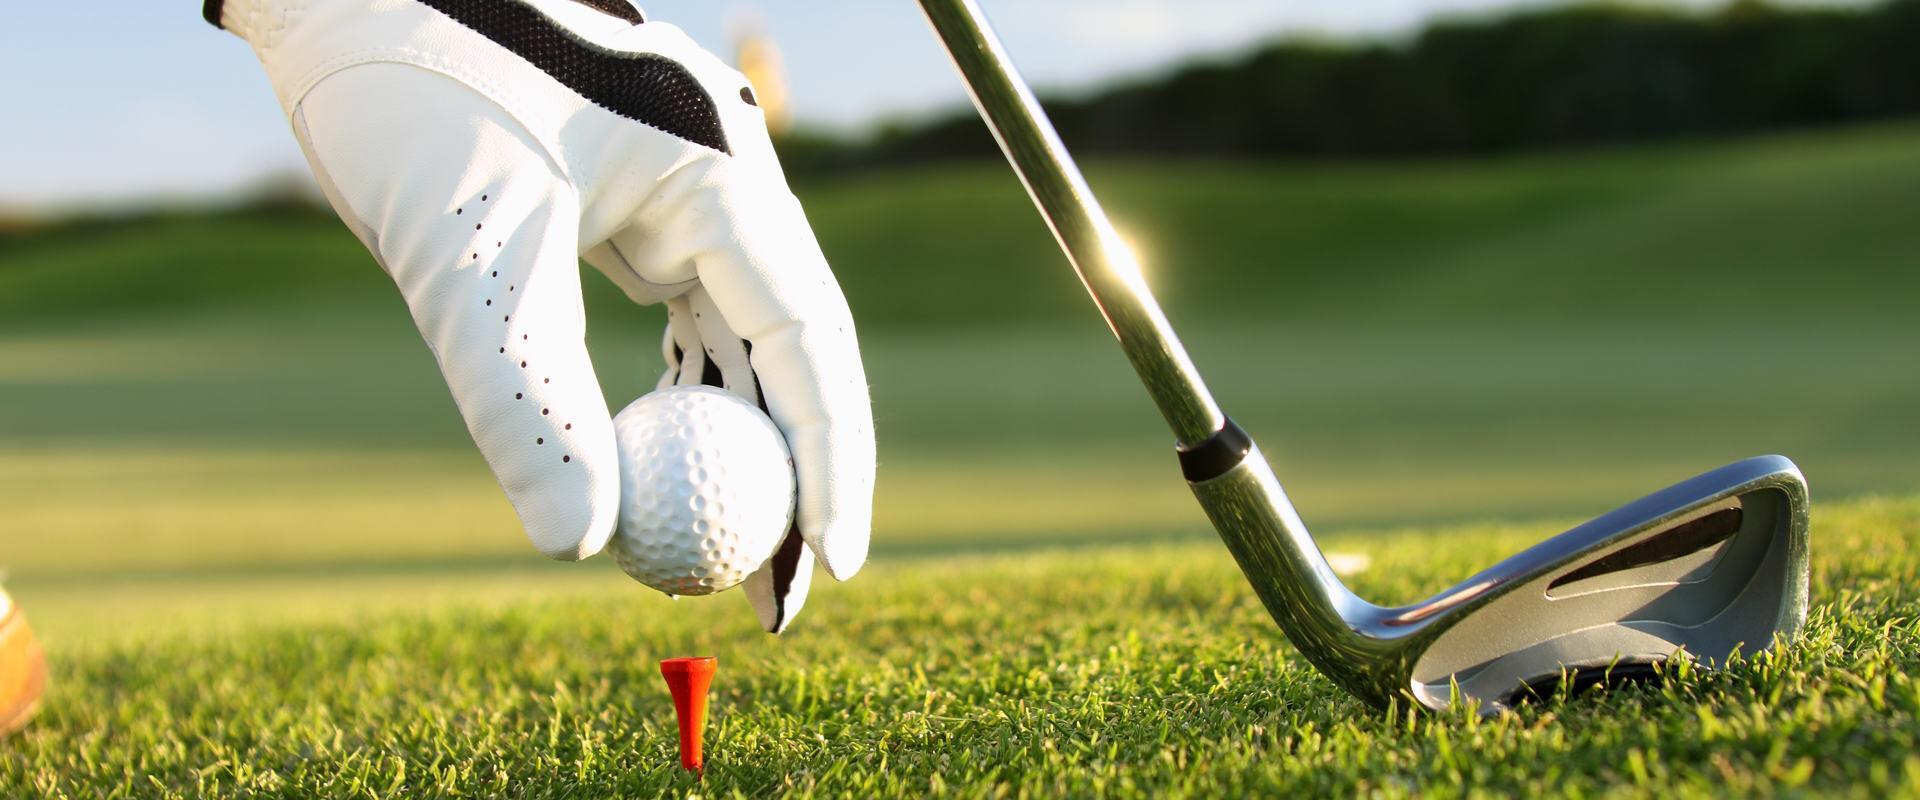 Hasil gambar untuk golf